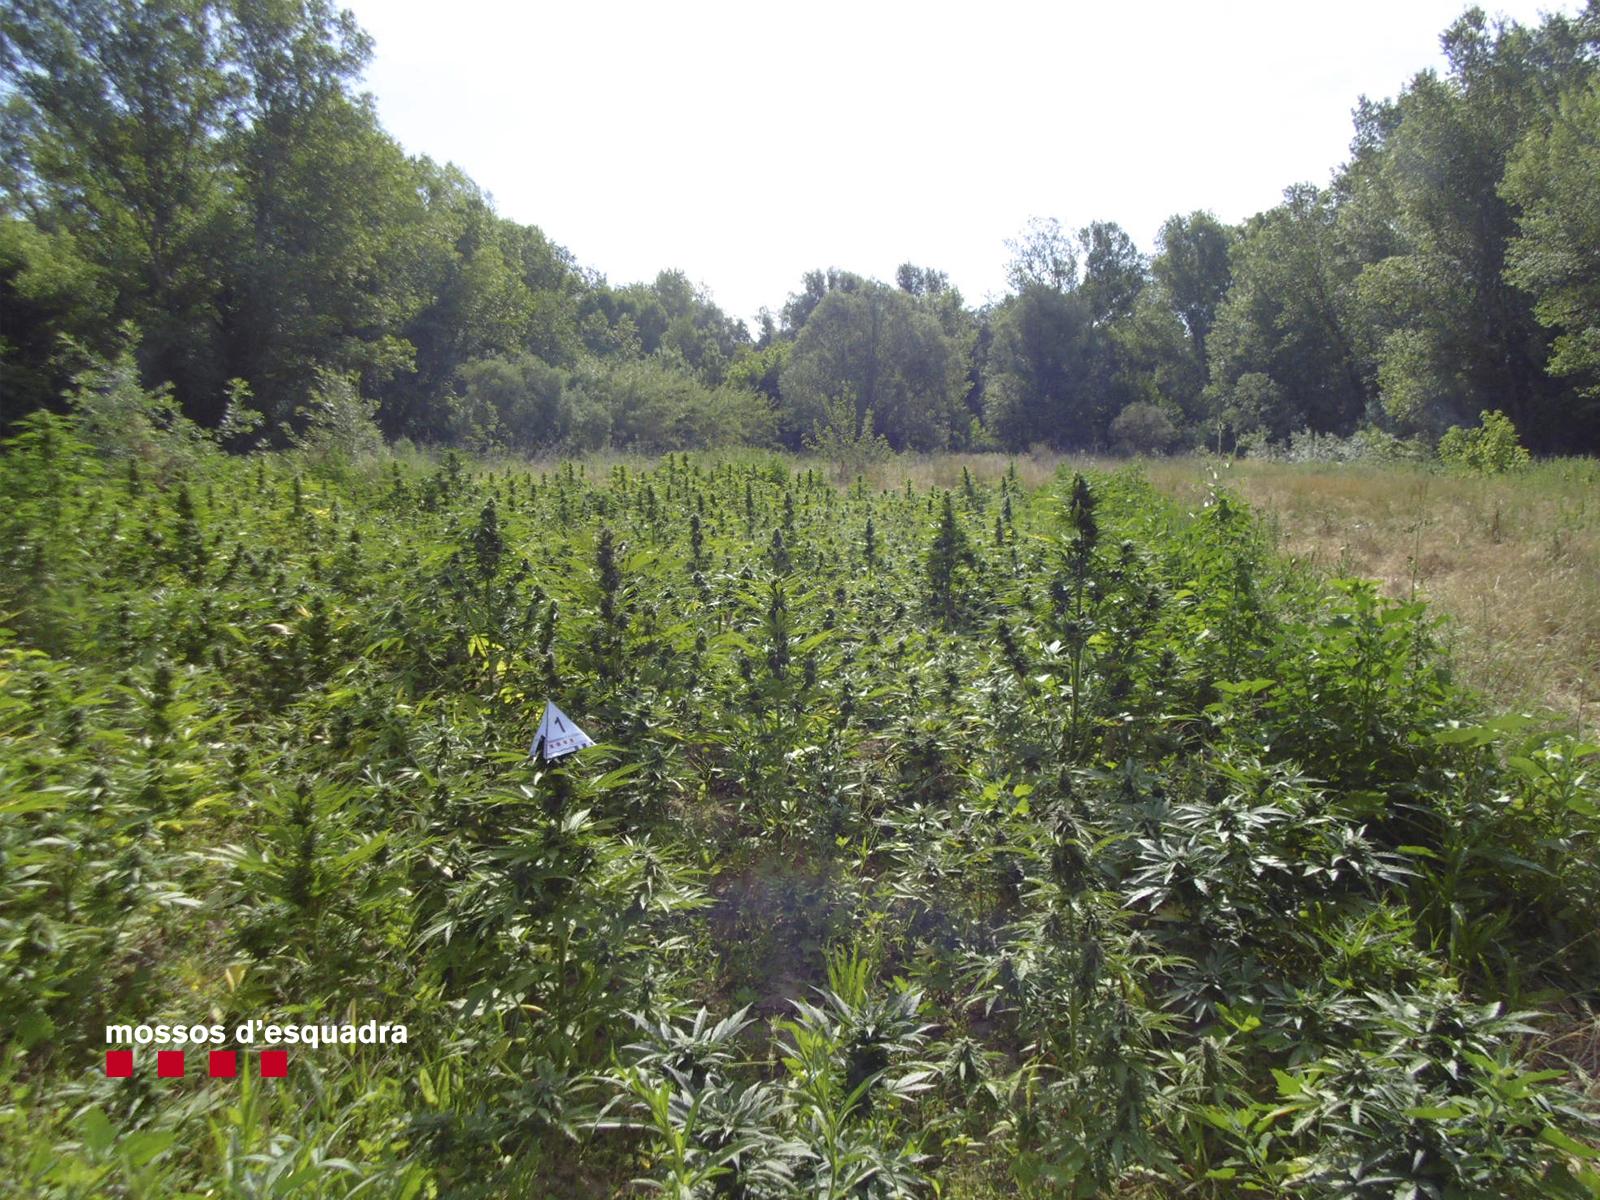 Un operatiu dirigit per la comissaria de Roses va permetre detenir tres homes i localitzar quasi 3.000 plantes de marihuana